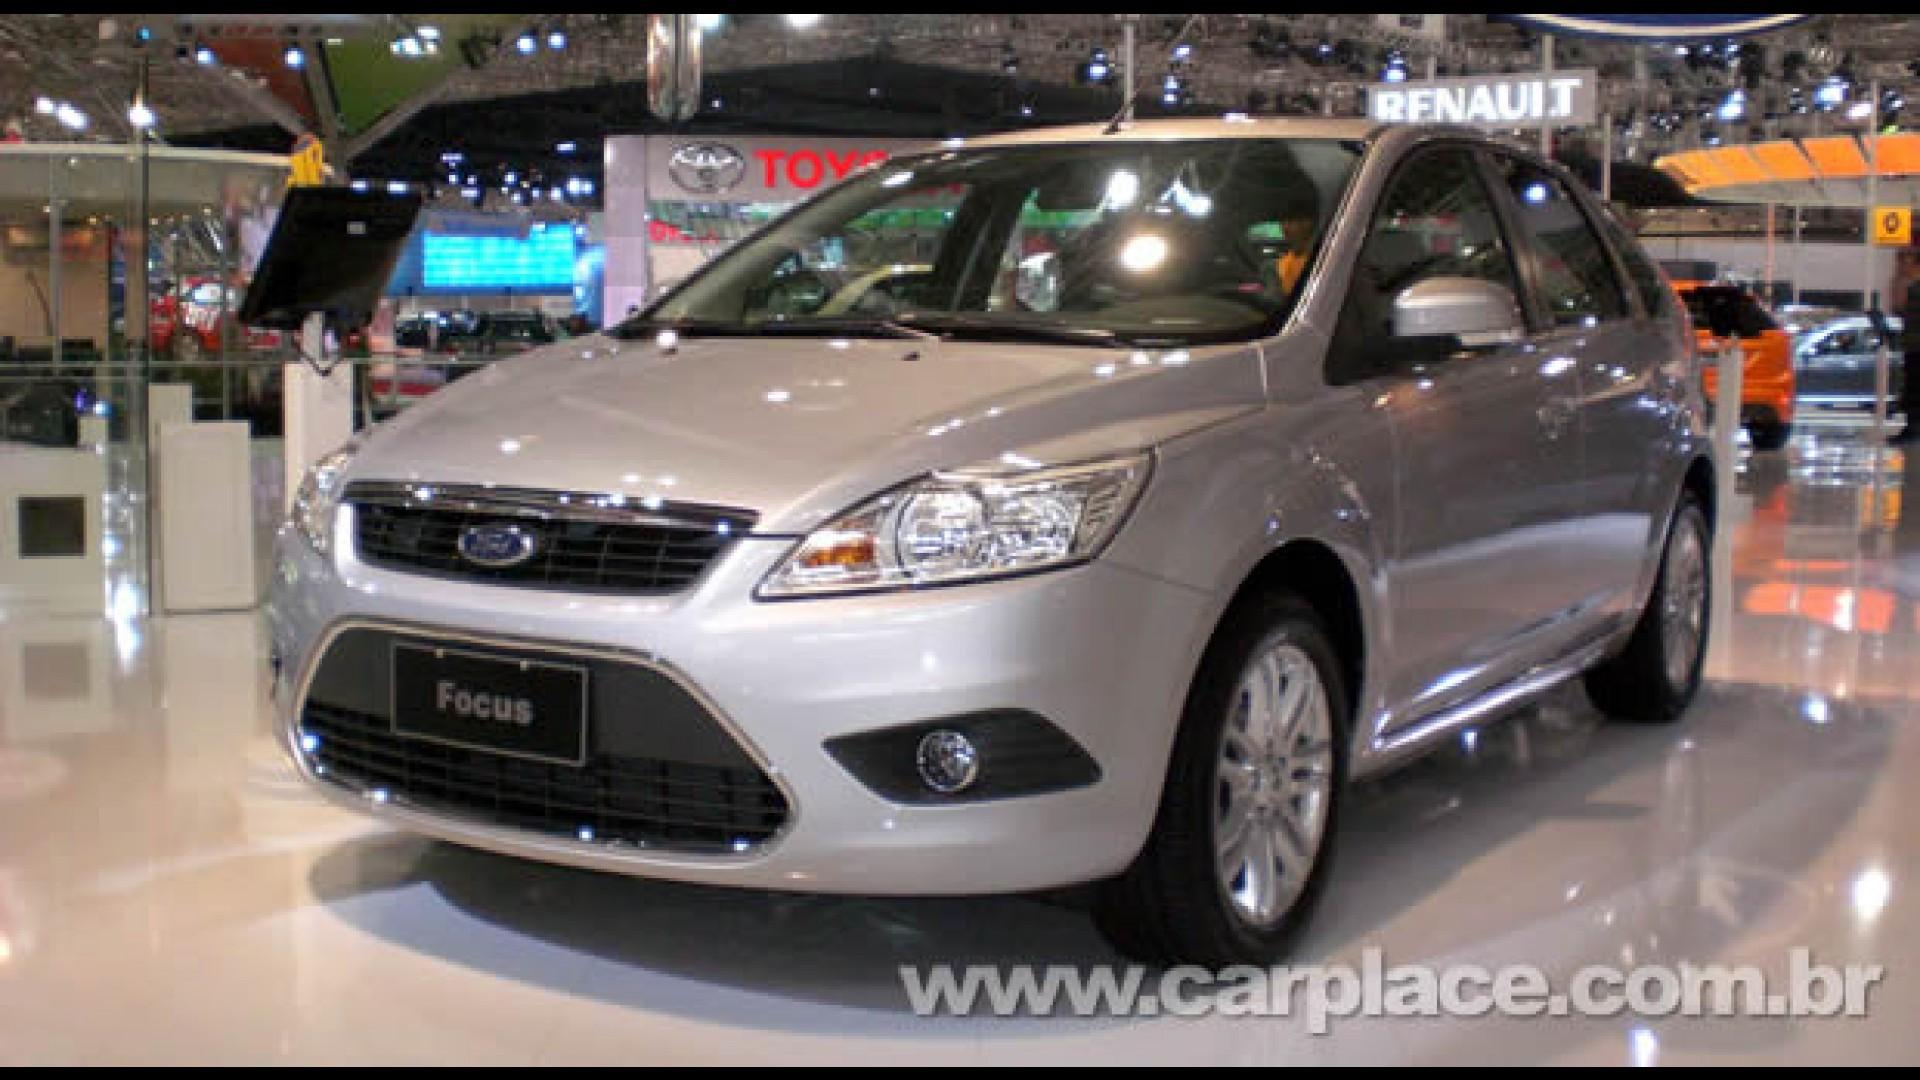 Voz Do Dono  Propriet U00e1rio Do Novo Ford Focus Ghia 2009 Diz